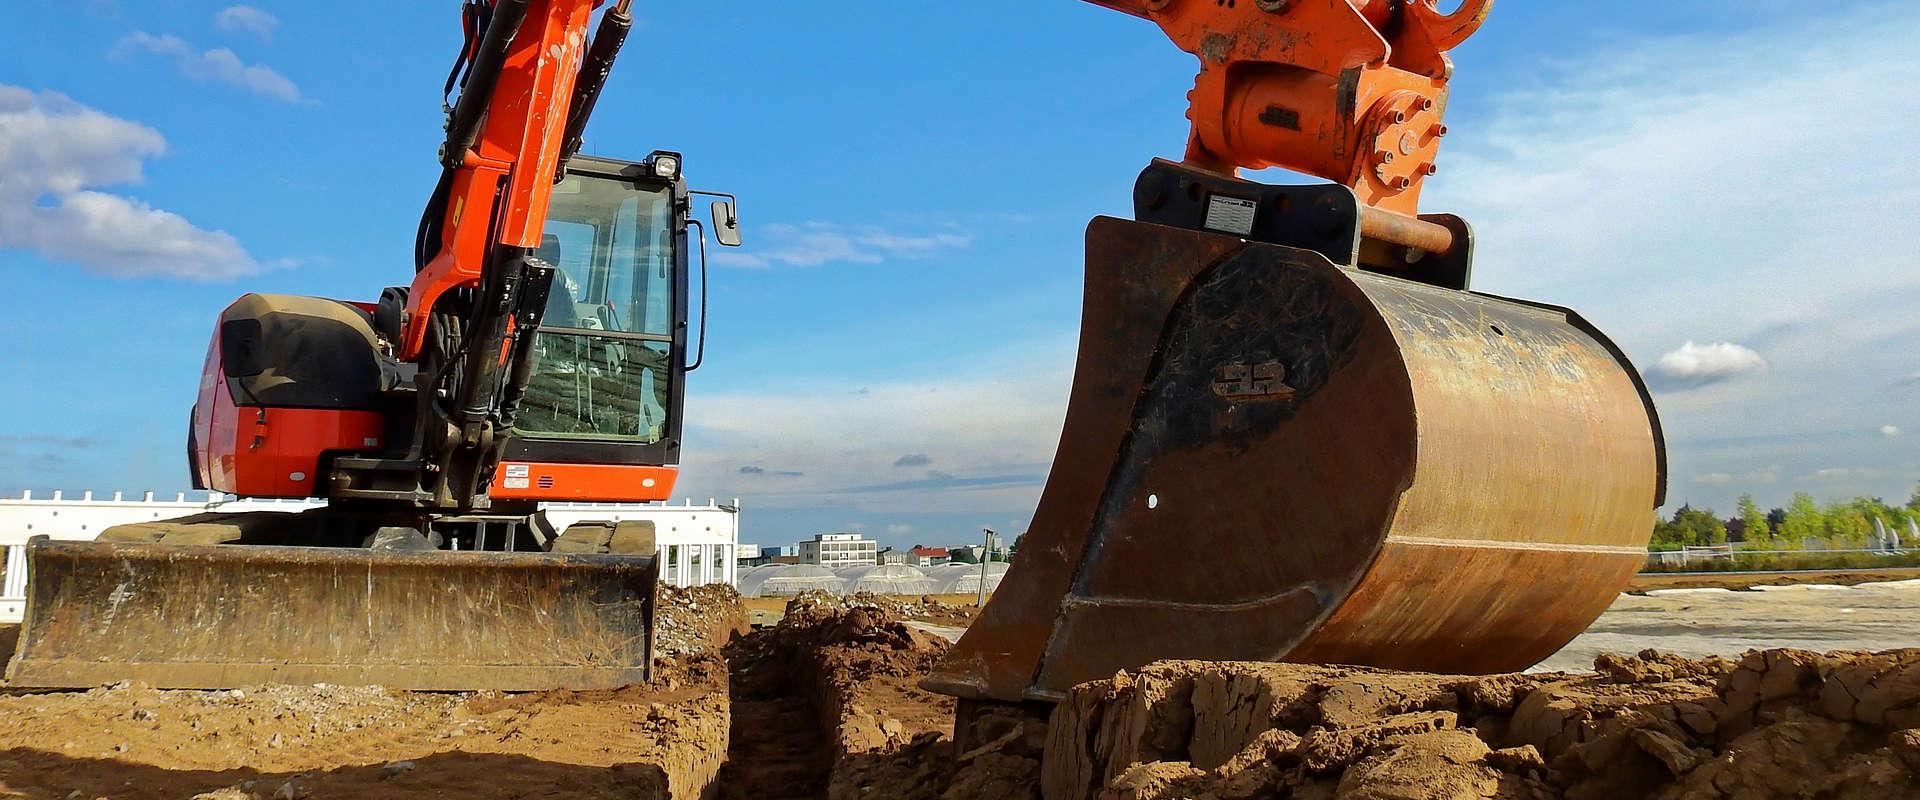 Prix pour des travaux d'excavation